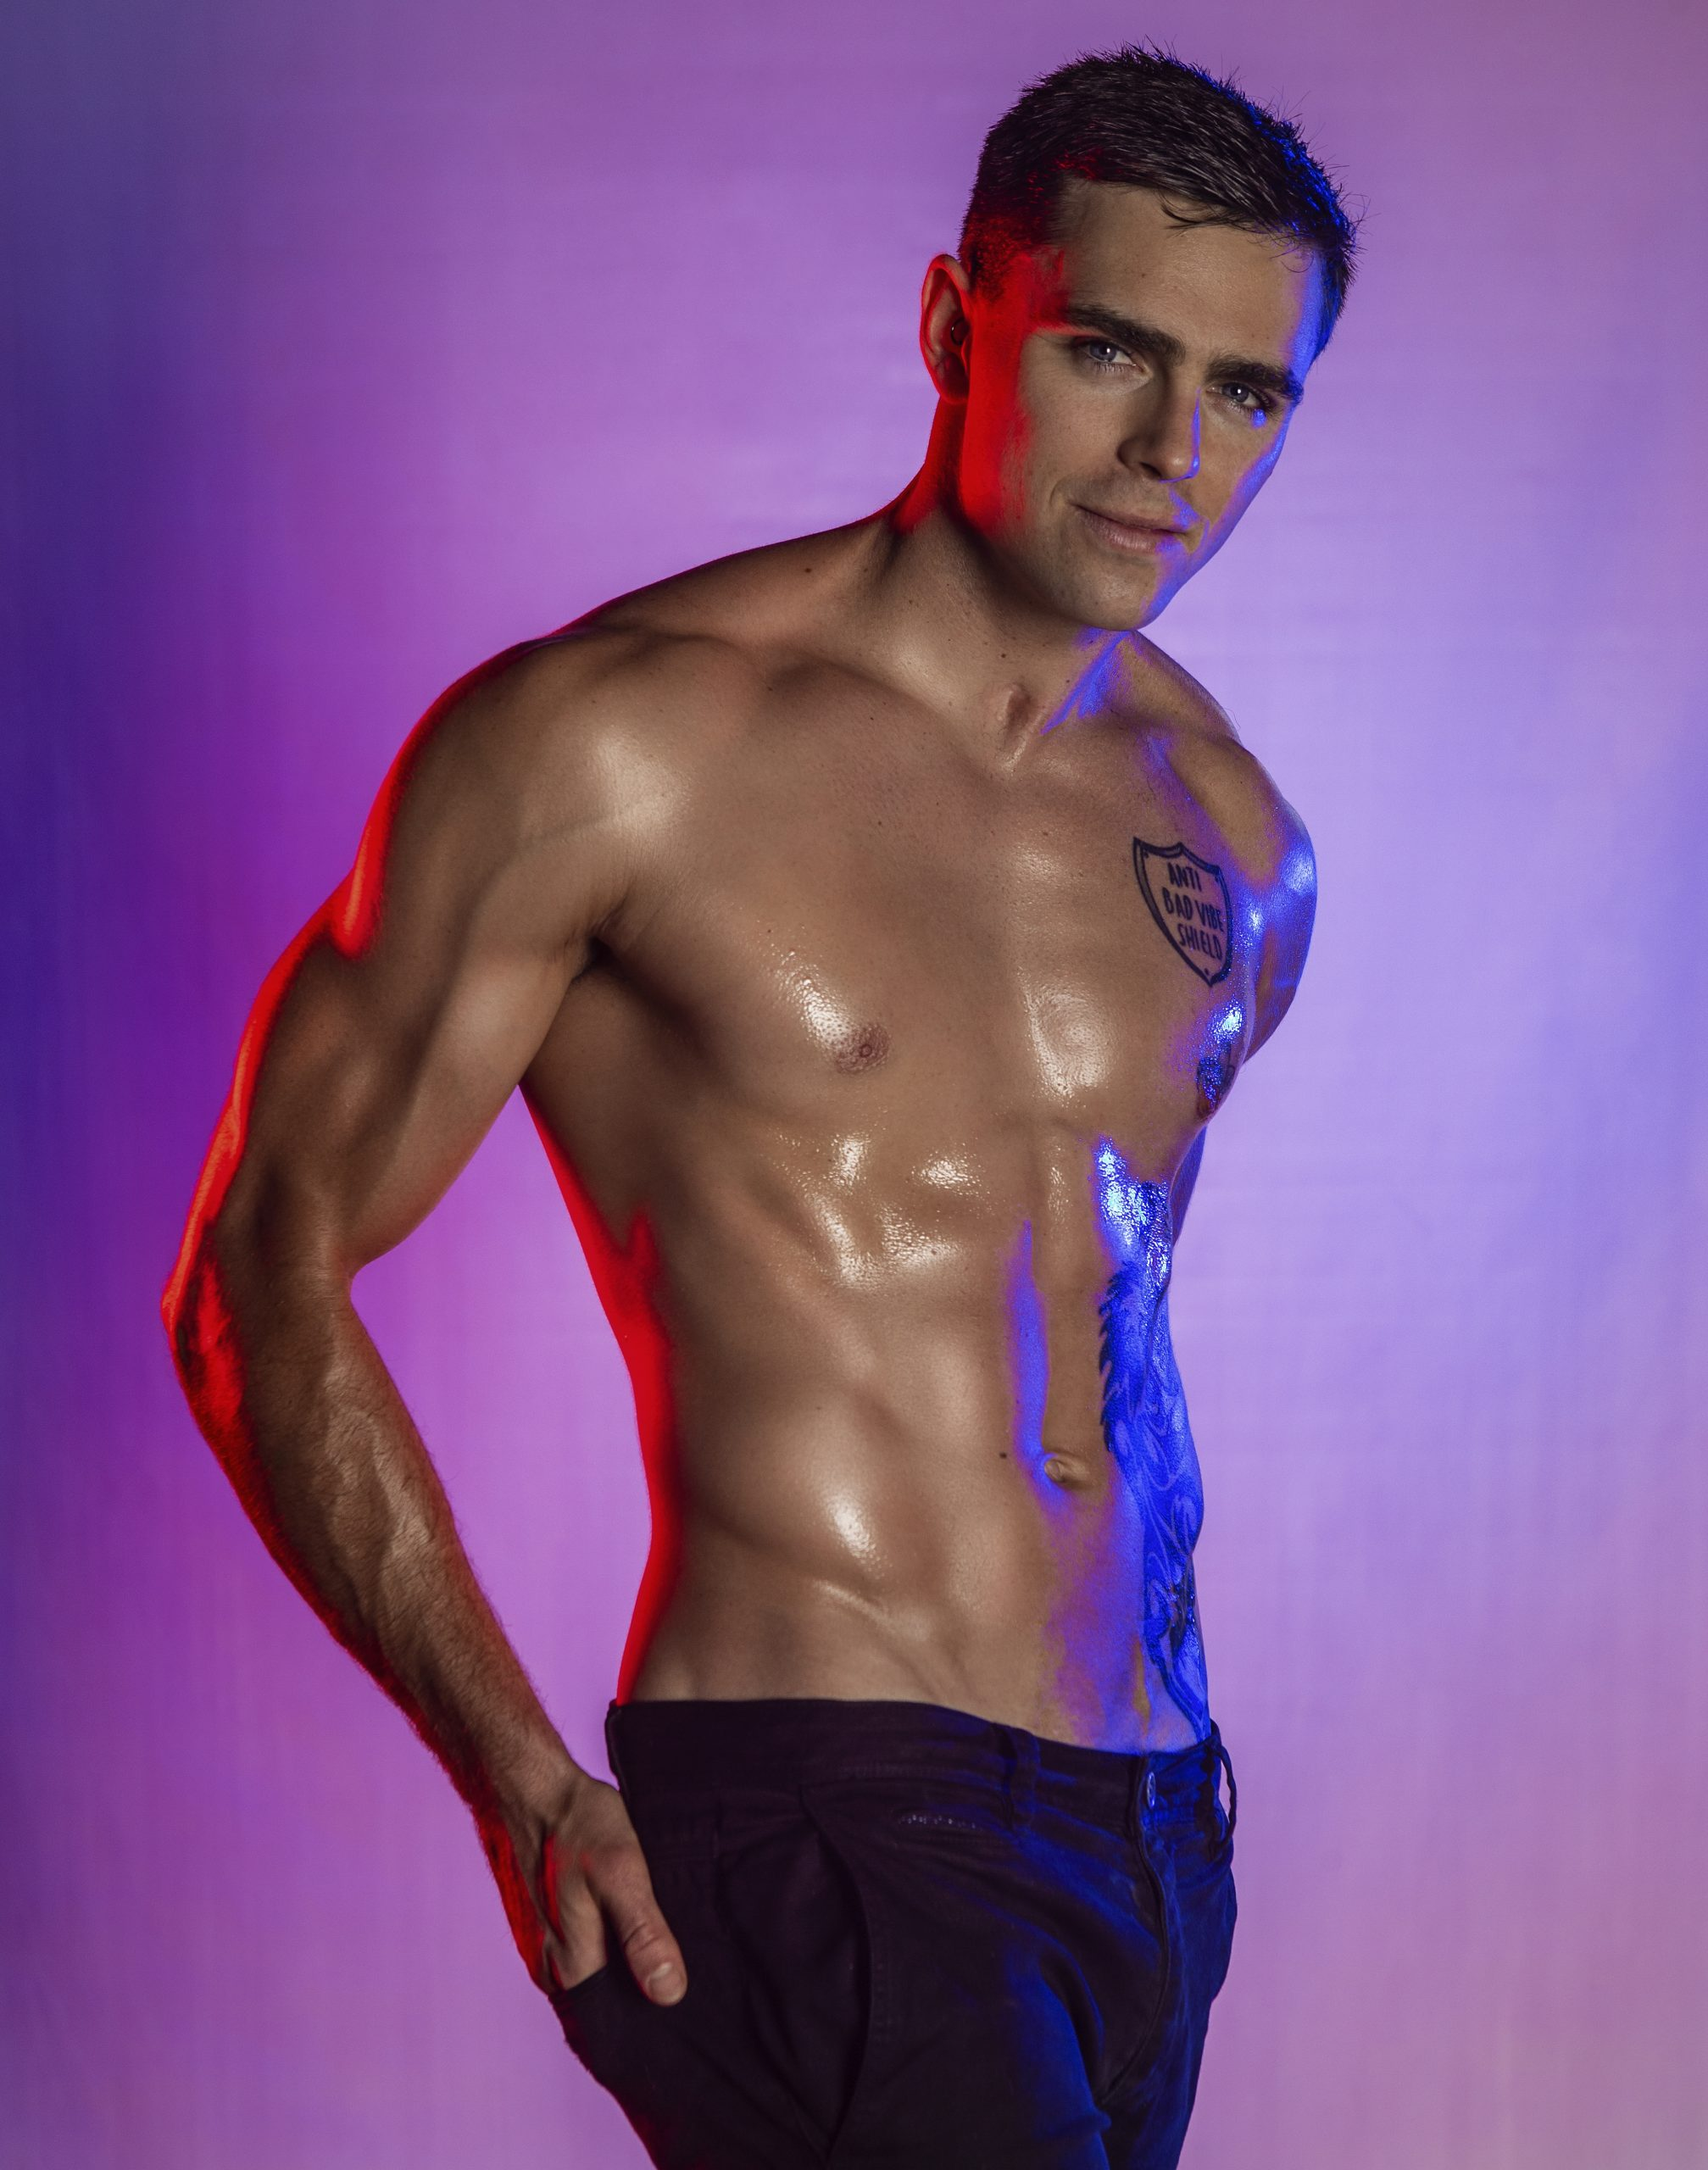 Sexy male stripper swansea